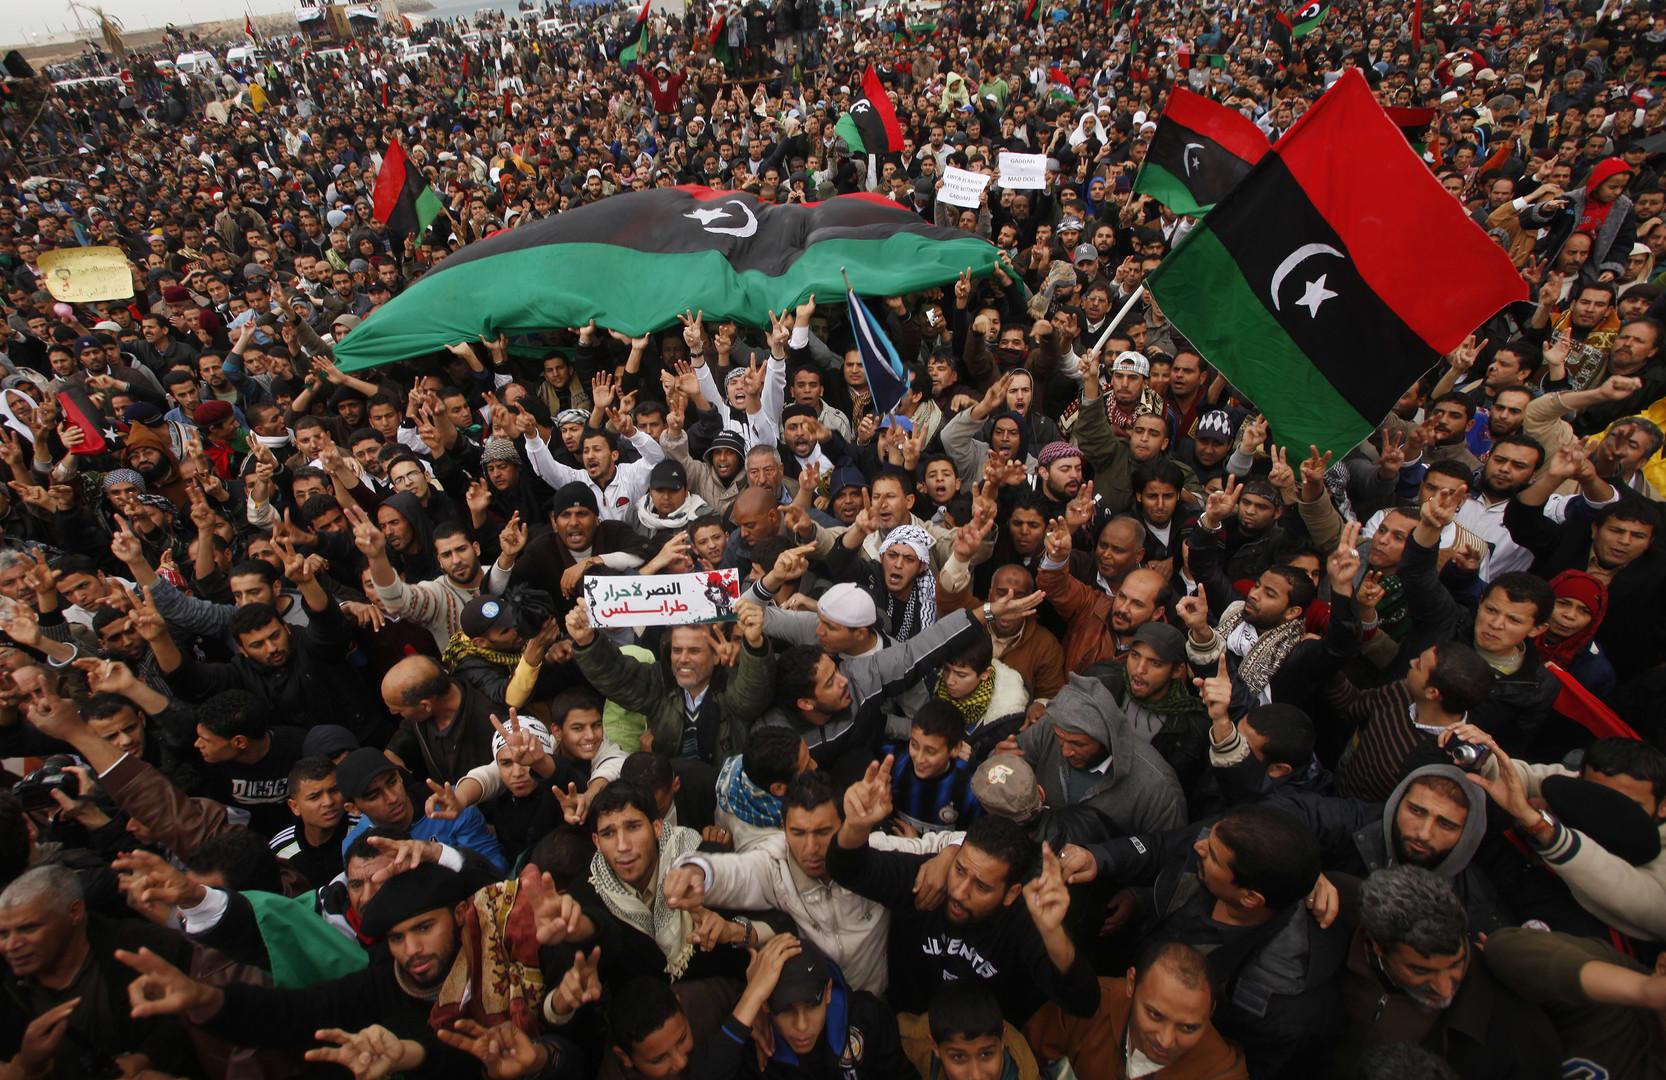 Les manifestations anti-Kadhafi ont débuté à Benghazi au mois de février 2011.